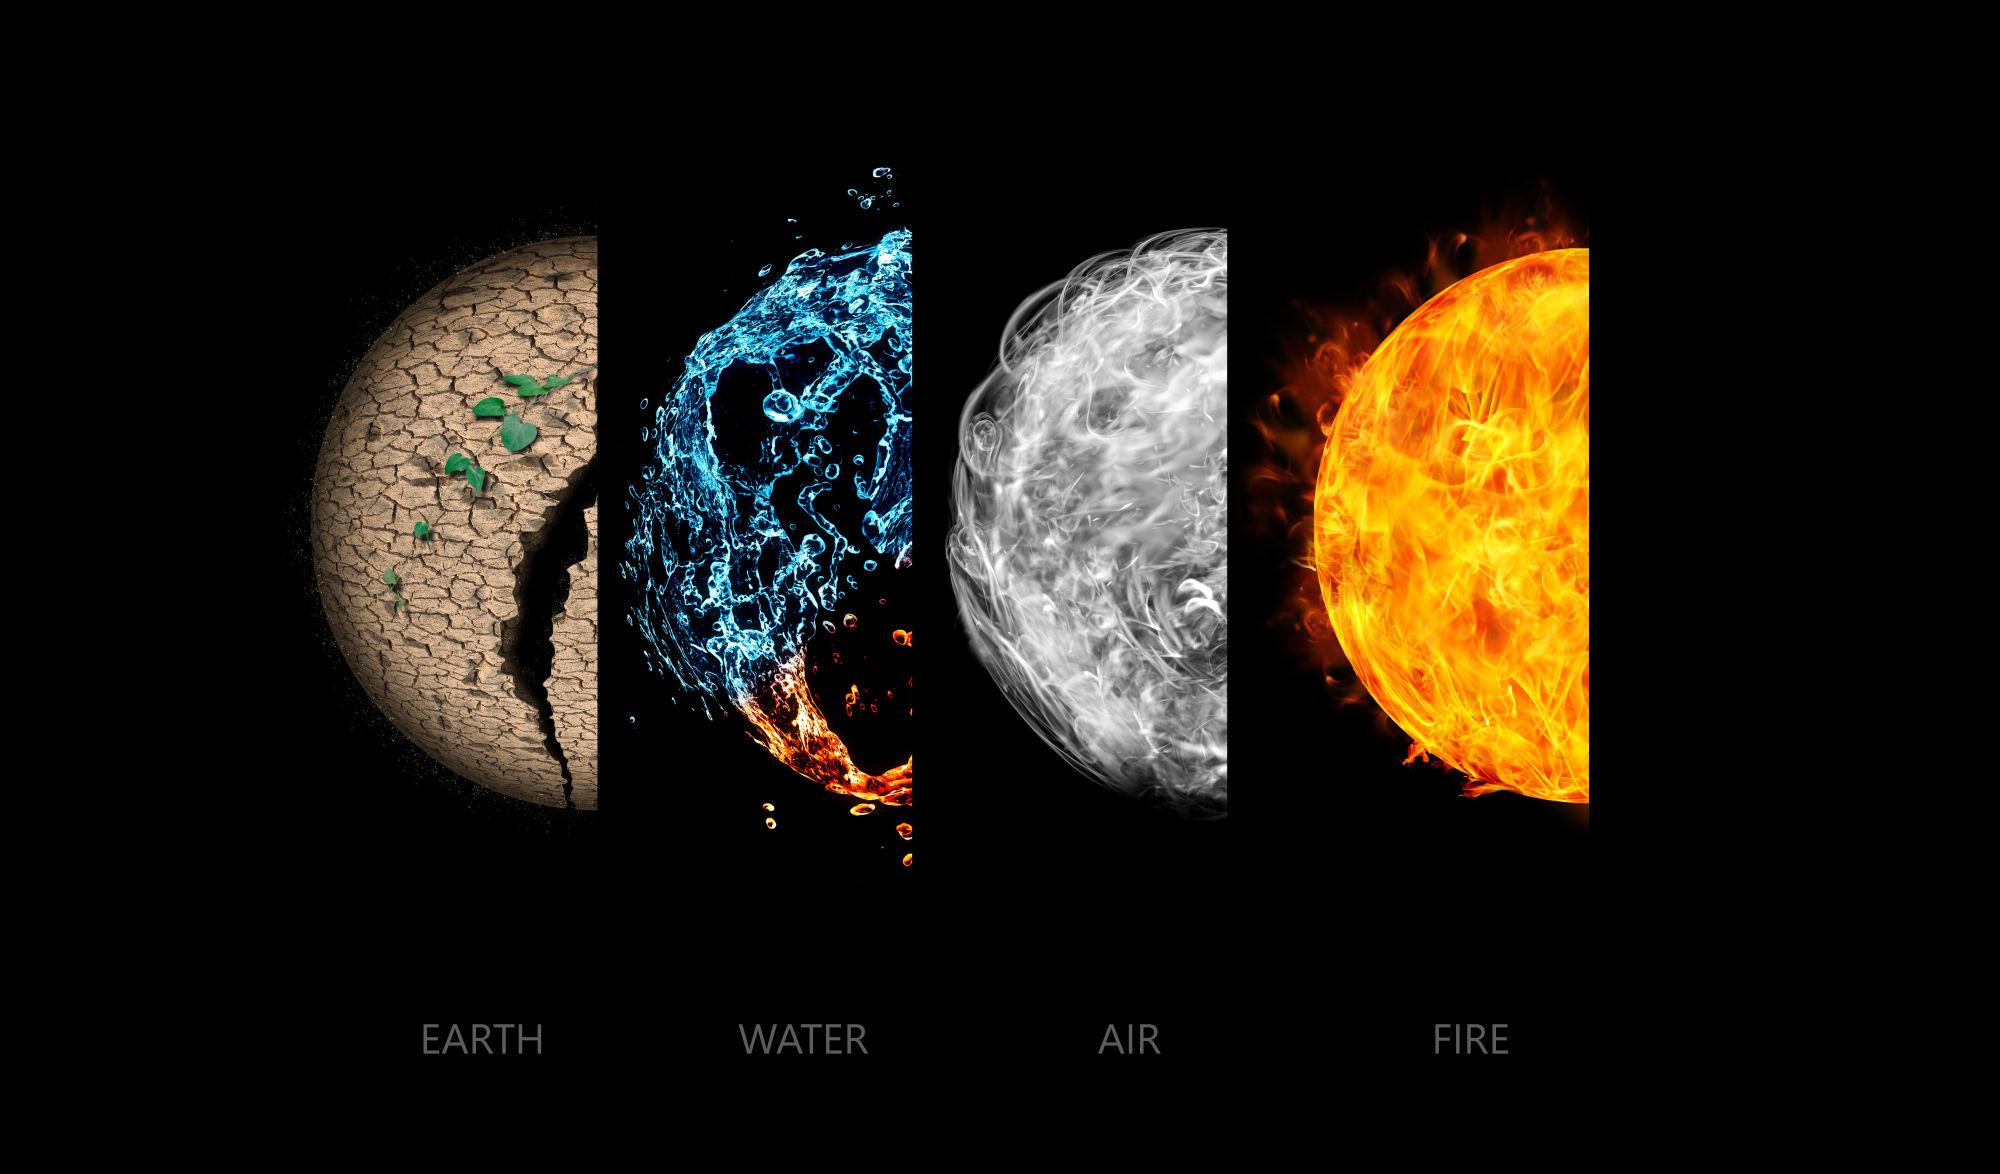 los 4 elementos: tierra, aire, fuego y agua